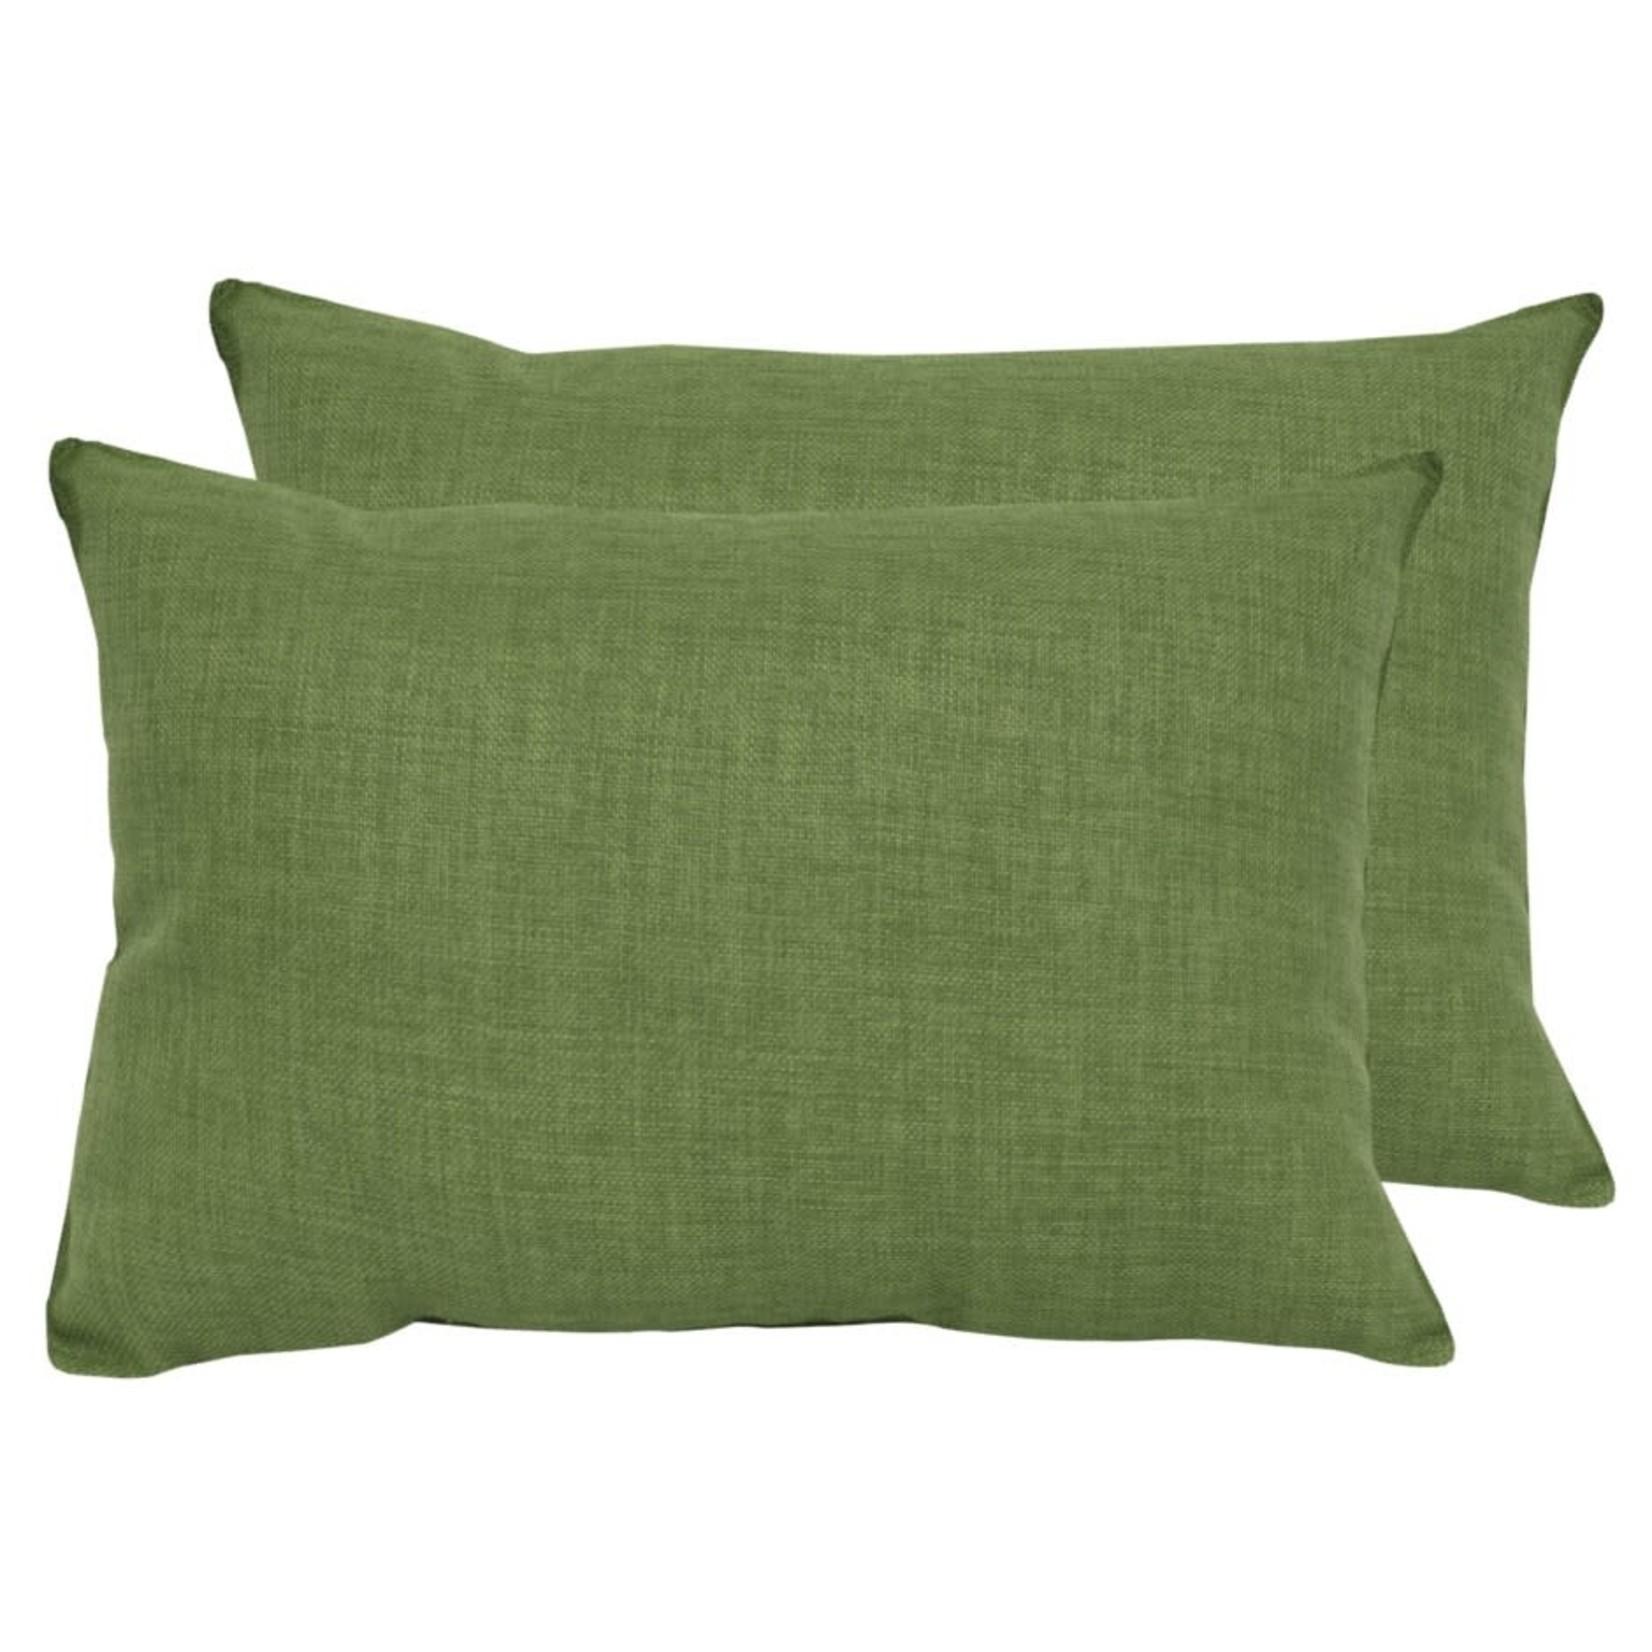 Grass Green Outdoor Lumbar Pillow